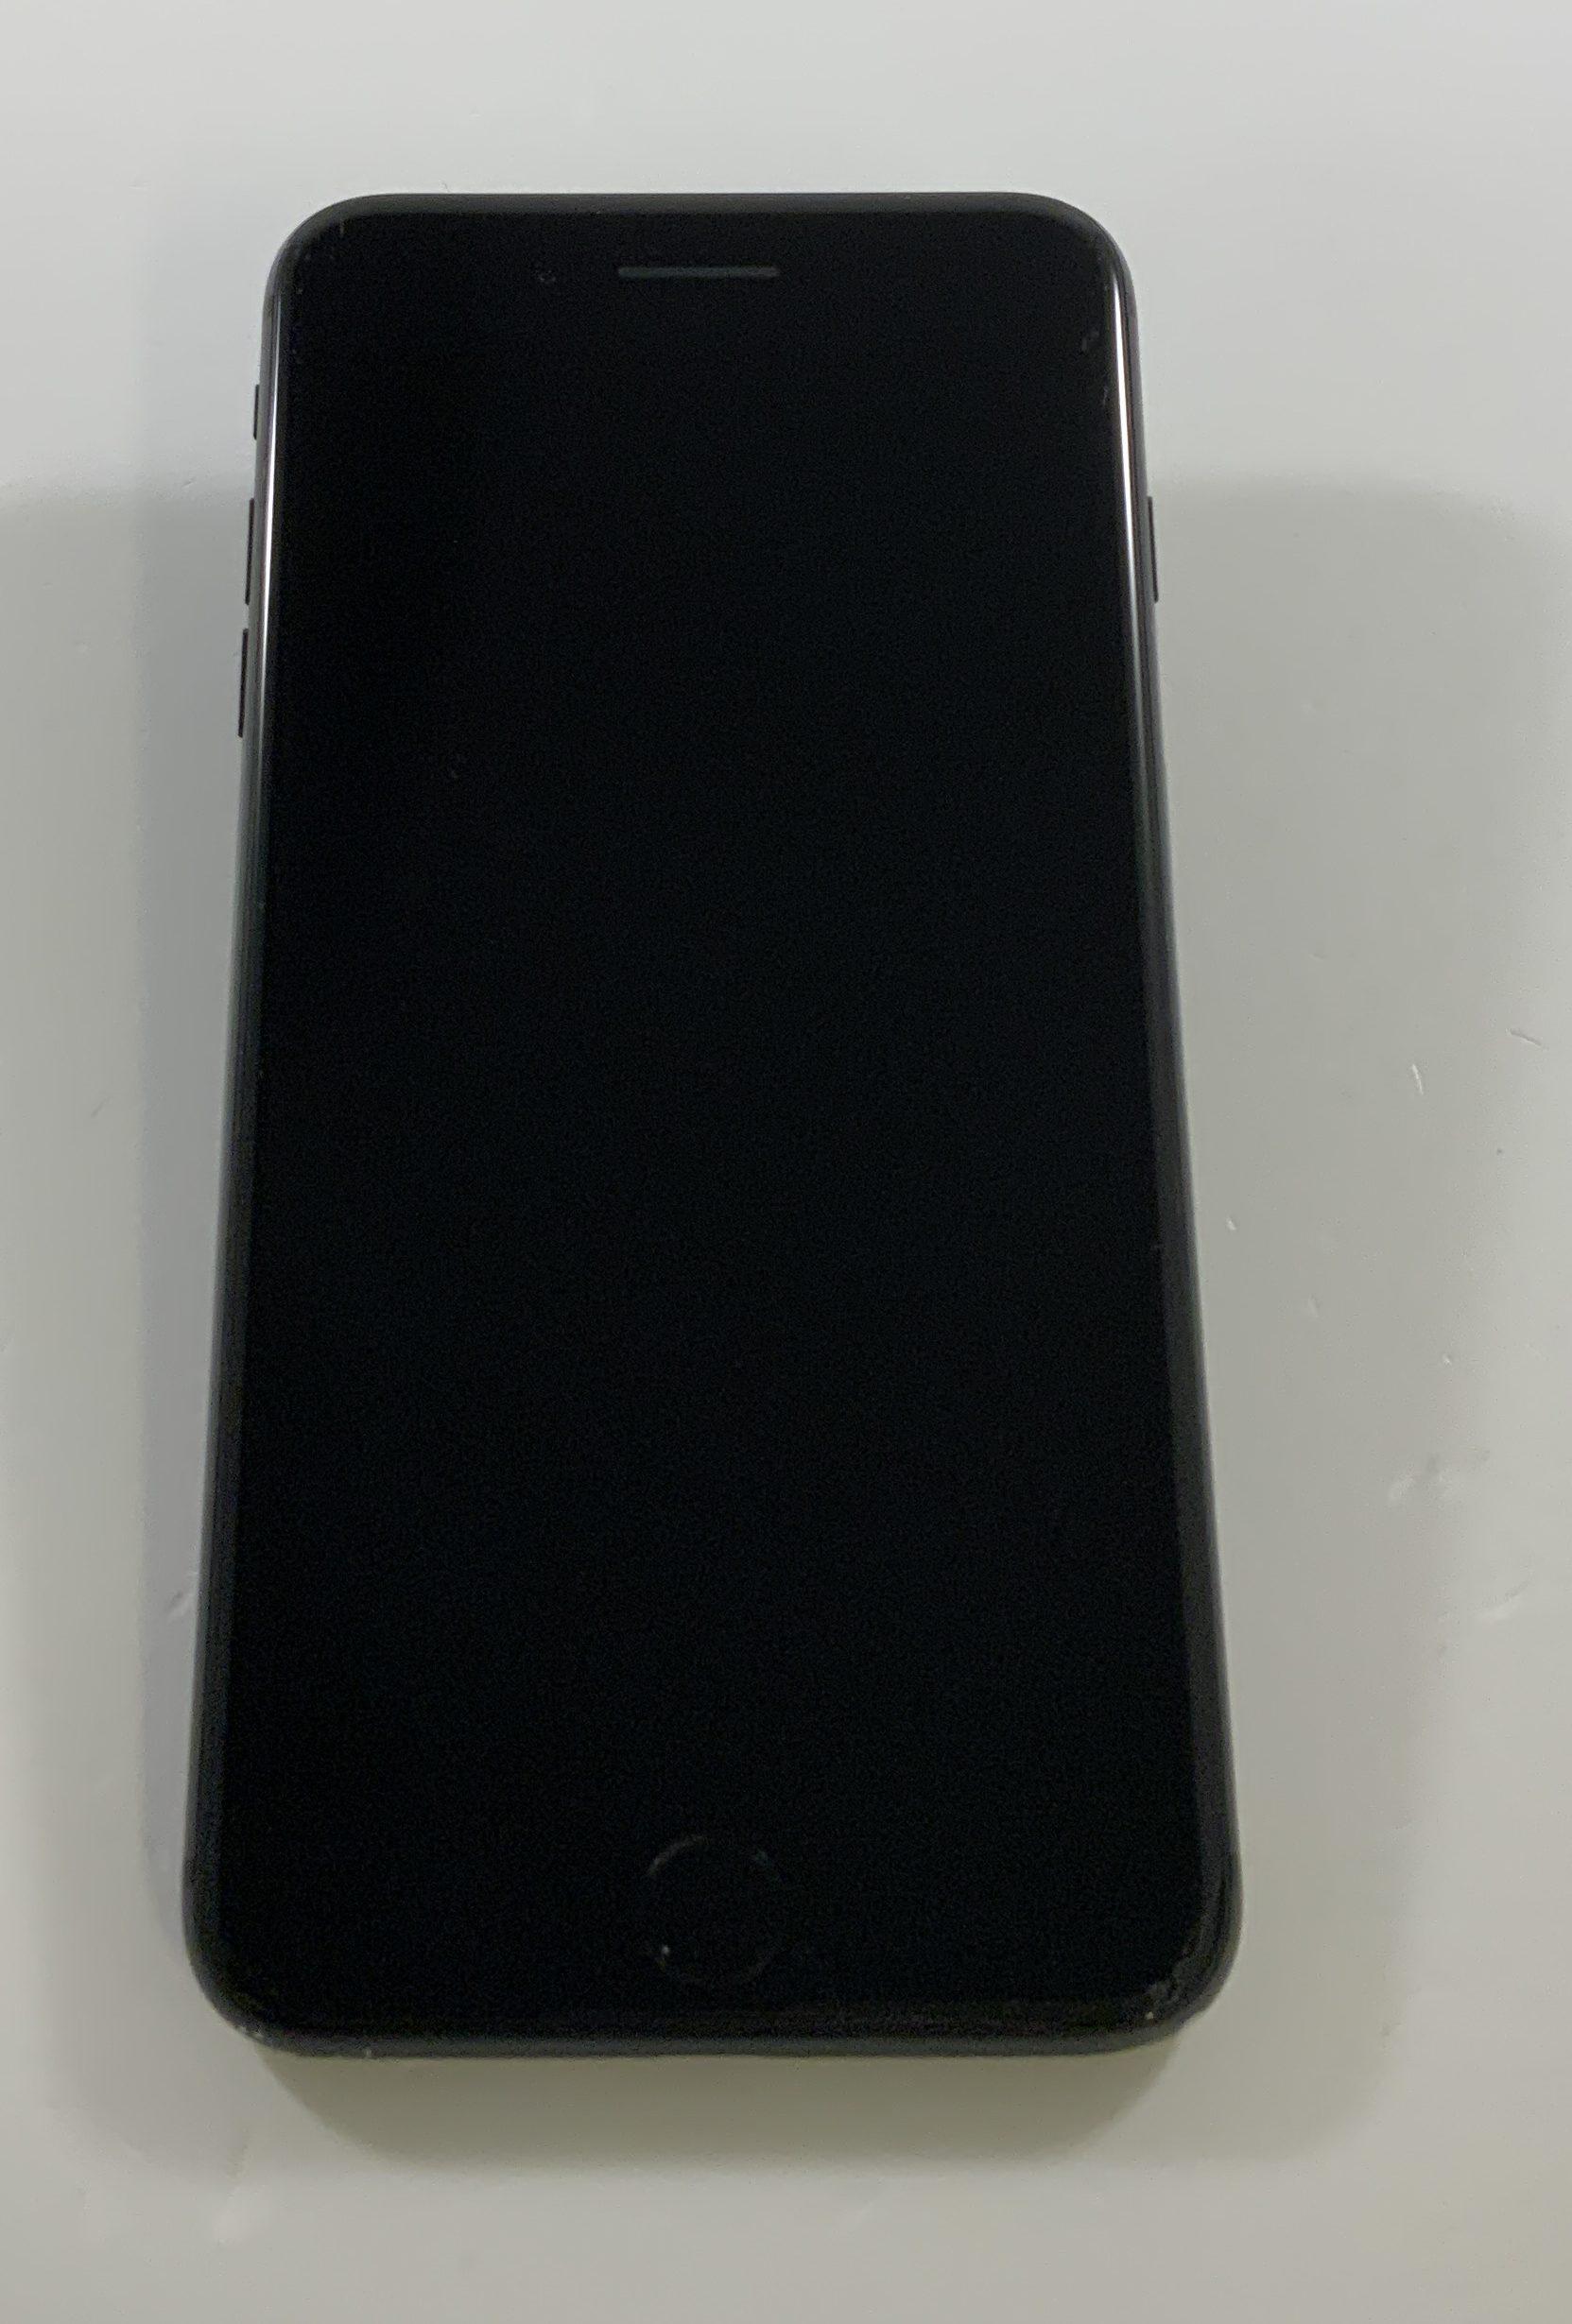 iPhone 8 Plus 64GB, 64GB, Space Gray, imagen 1